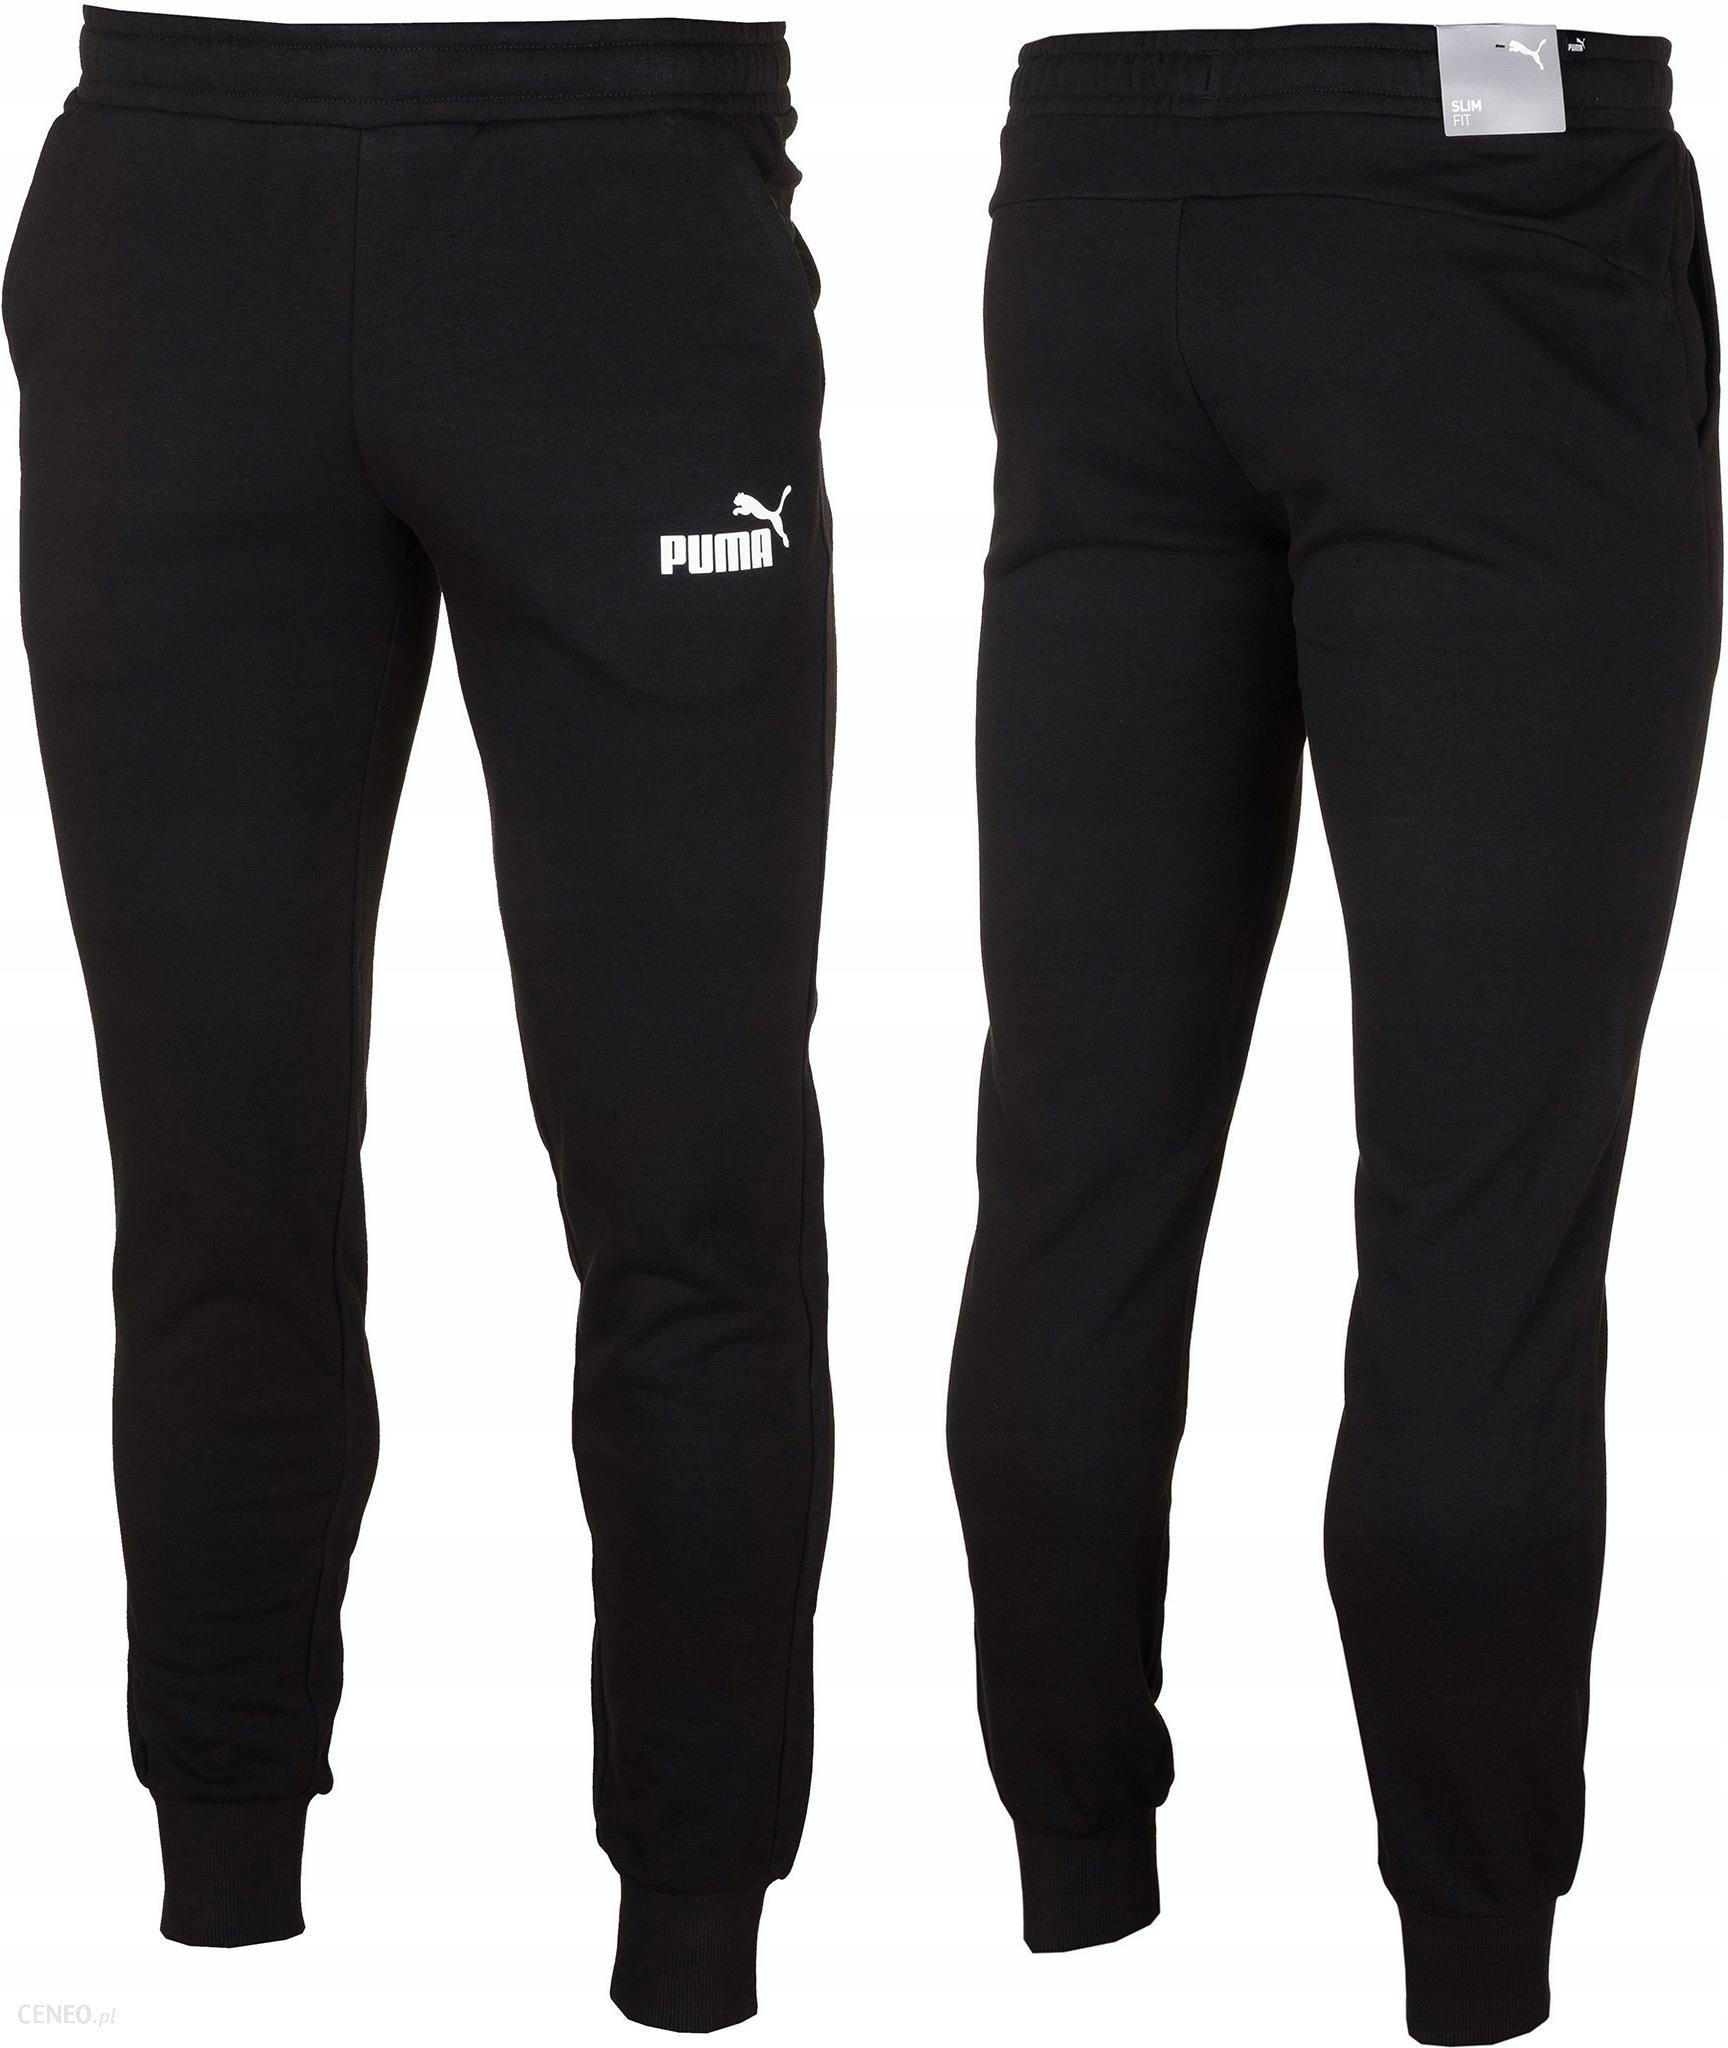 Adidas spodnie dresowe meskie Essentials roz. L Ceny i opinie Ceneo.pl